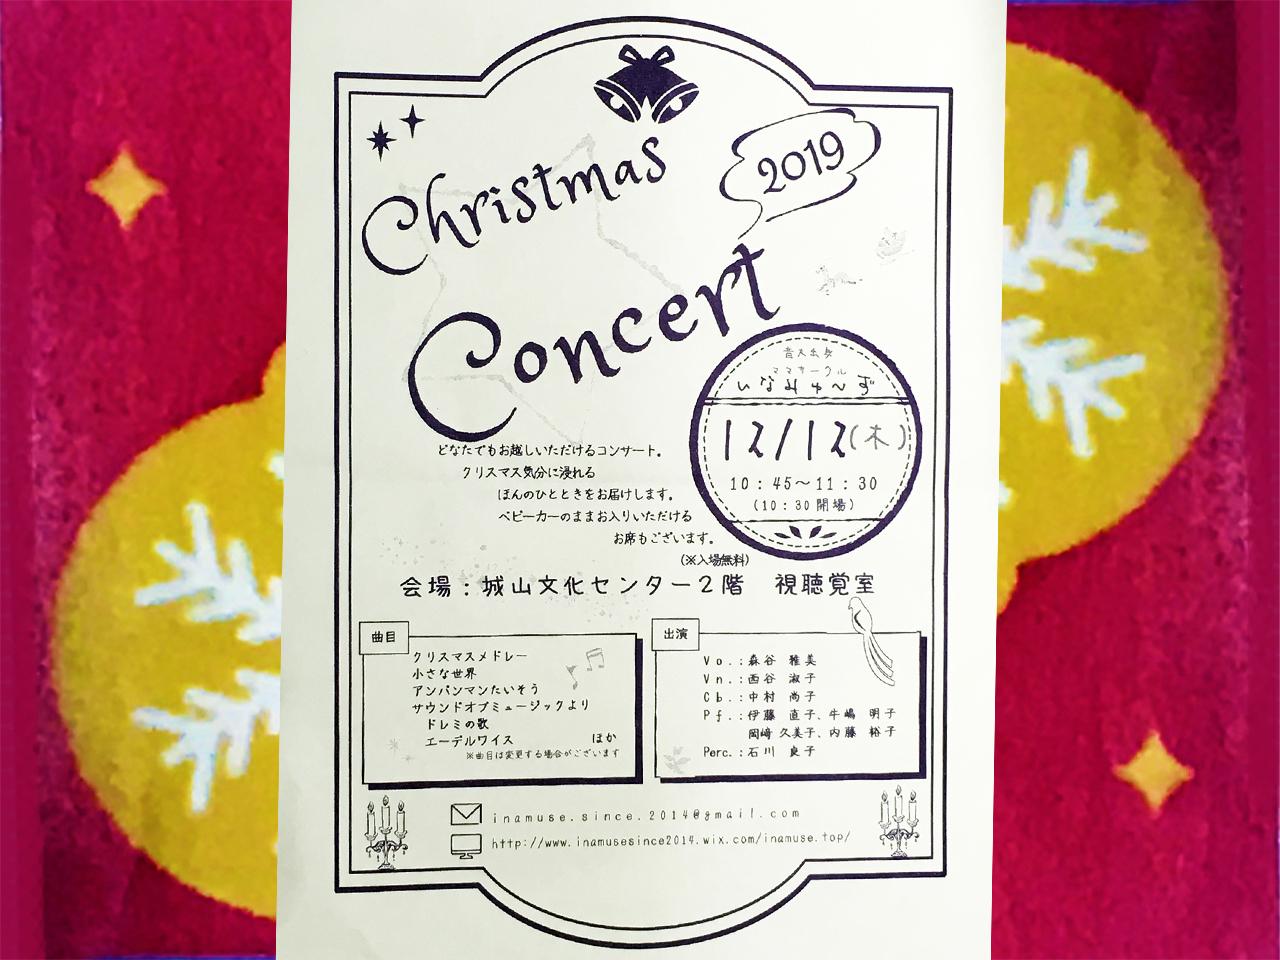 城山文化センタークリスマスコンサート